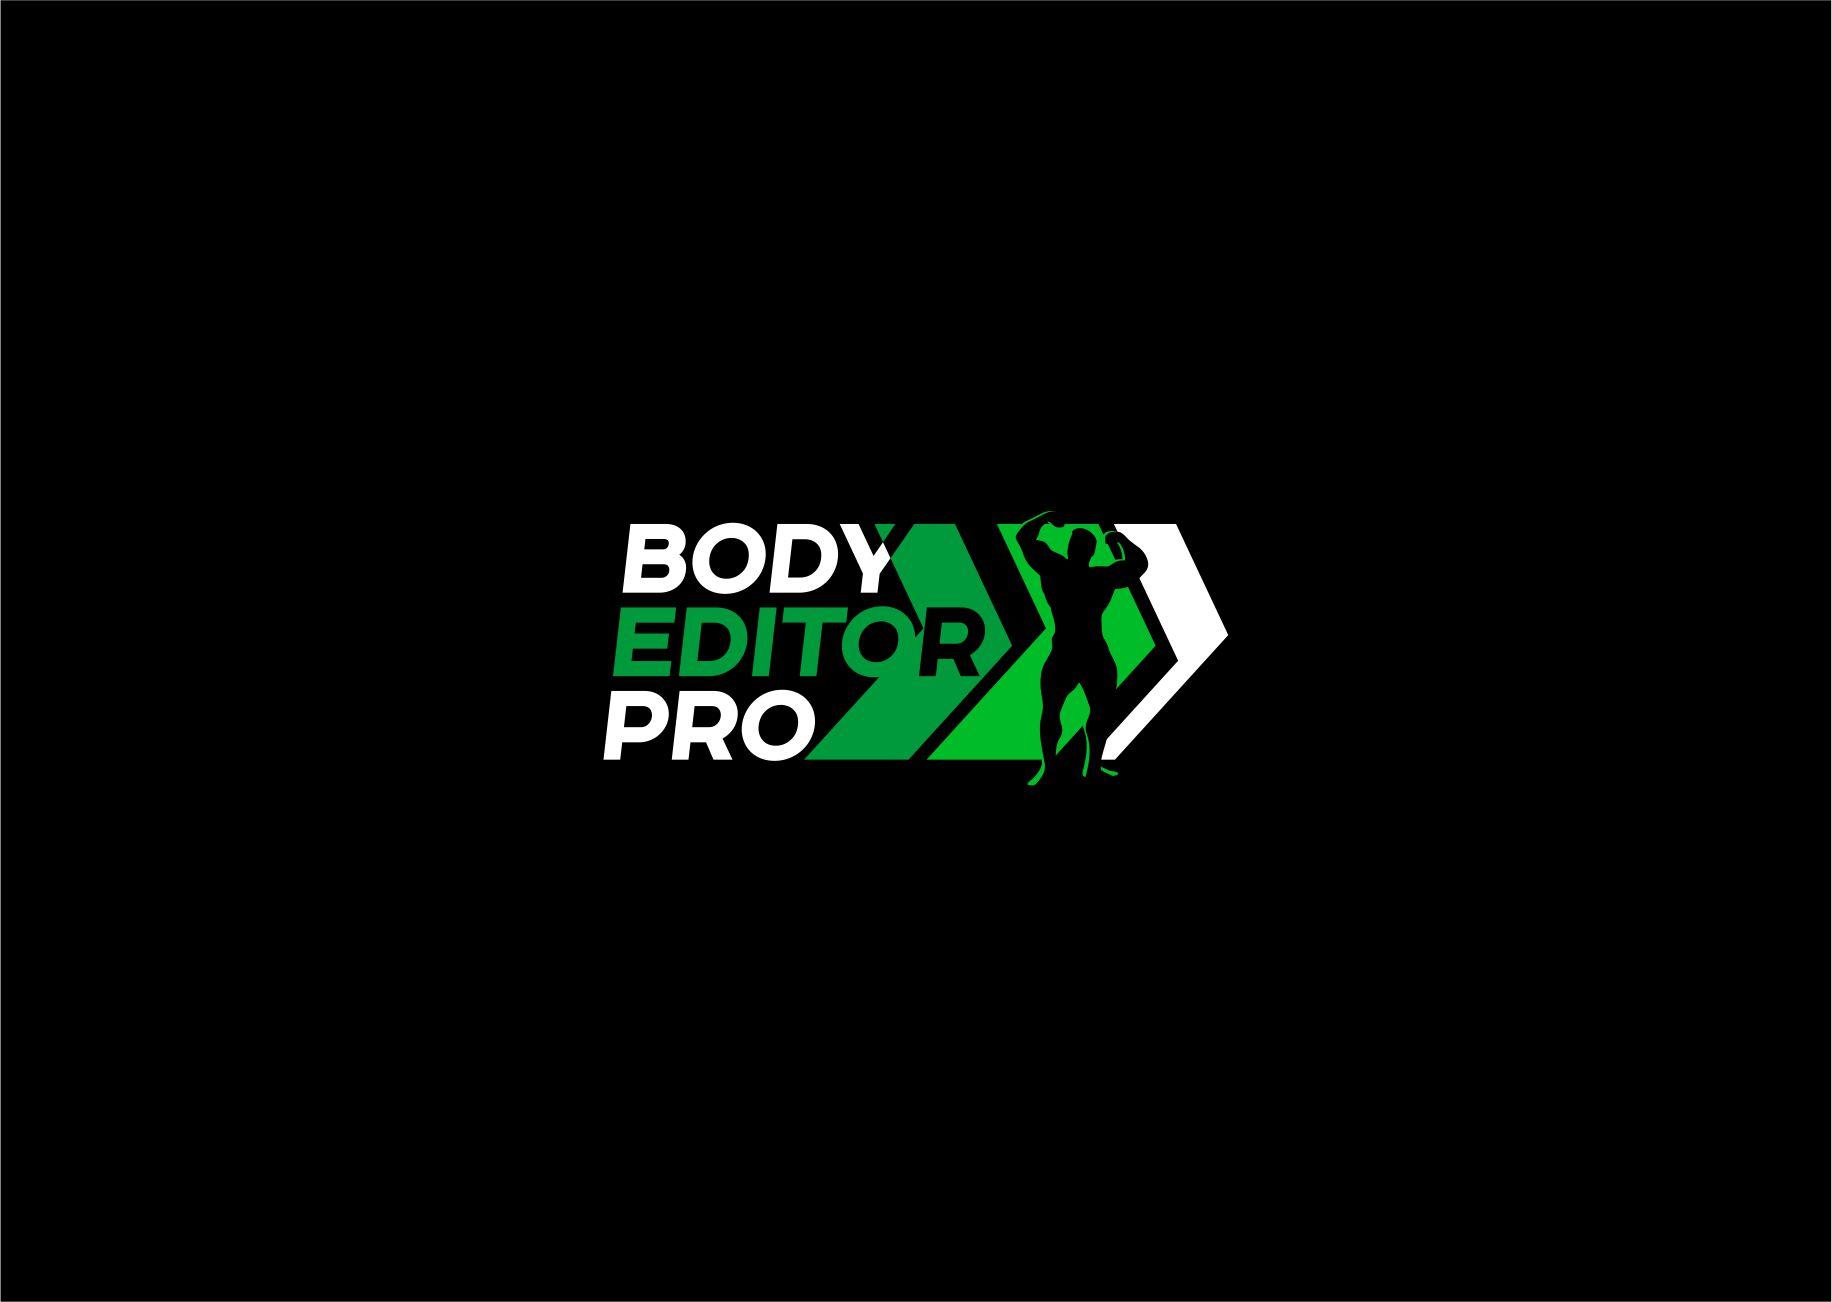 Лого+символ для марки Спортивного питания фото f_718596f454479095.jpg